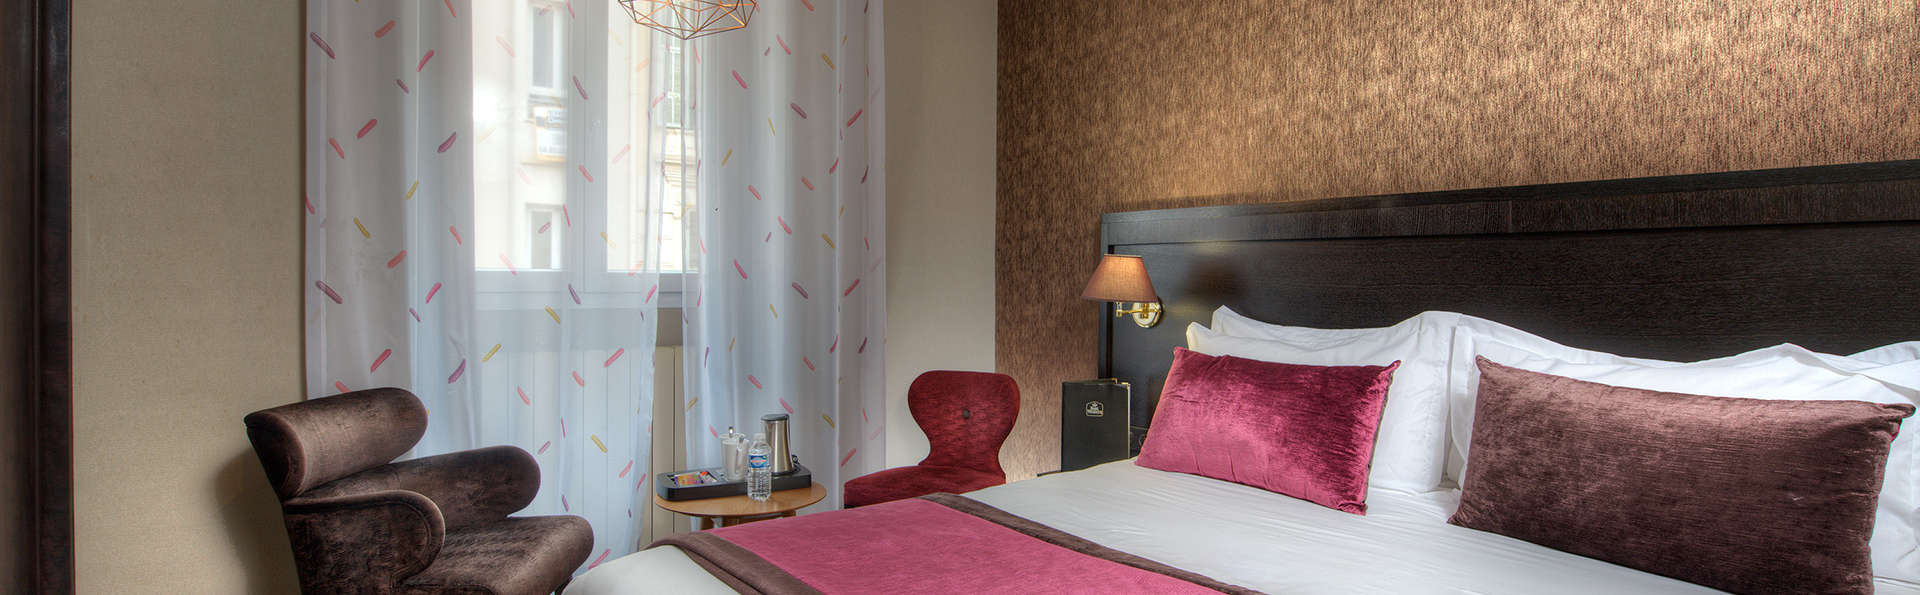 Week-end en chambre luxe au cœur de Nice